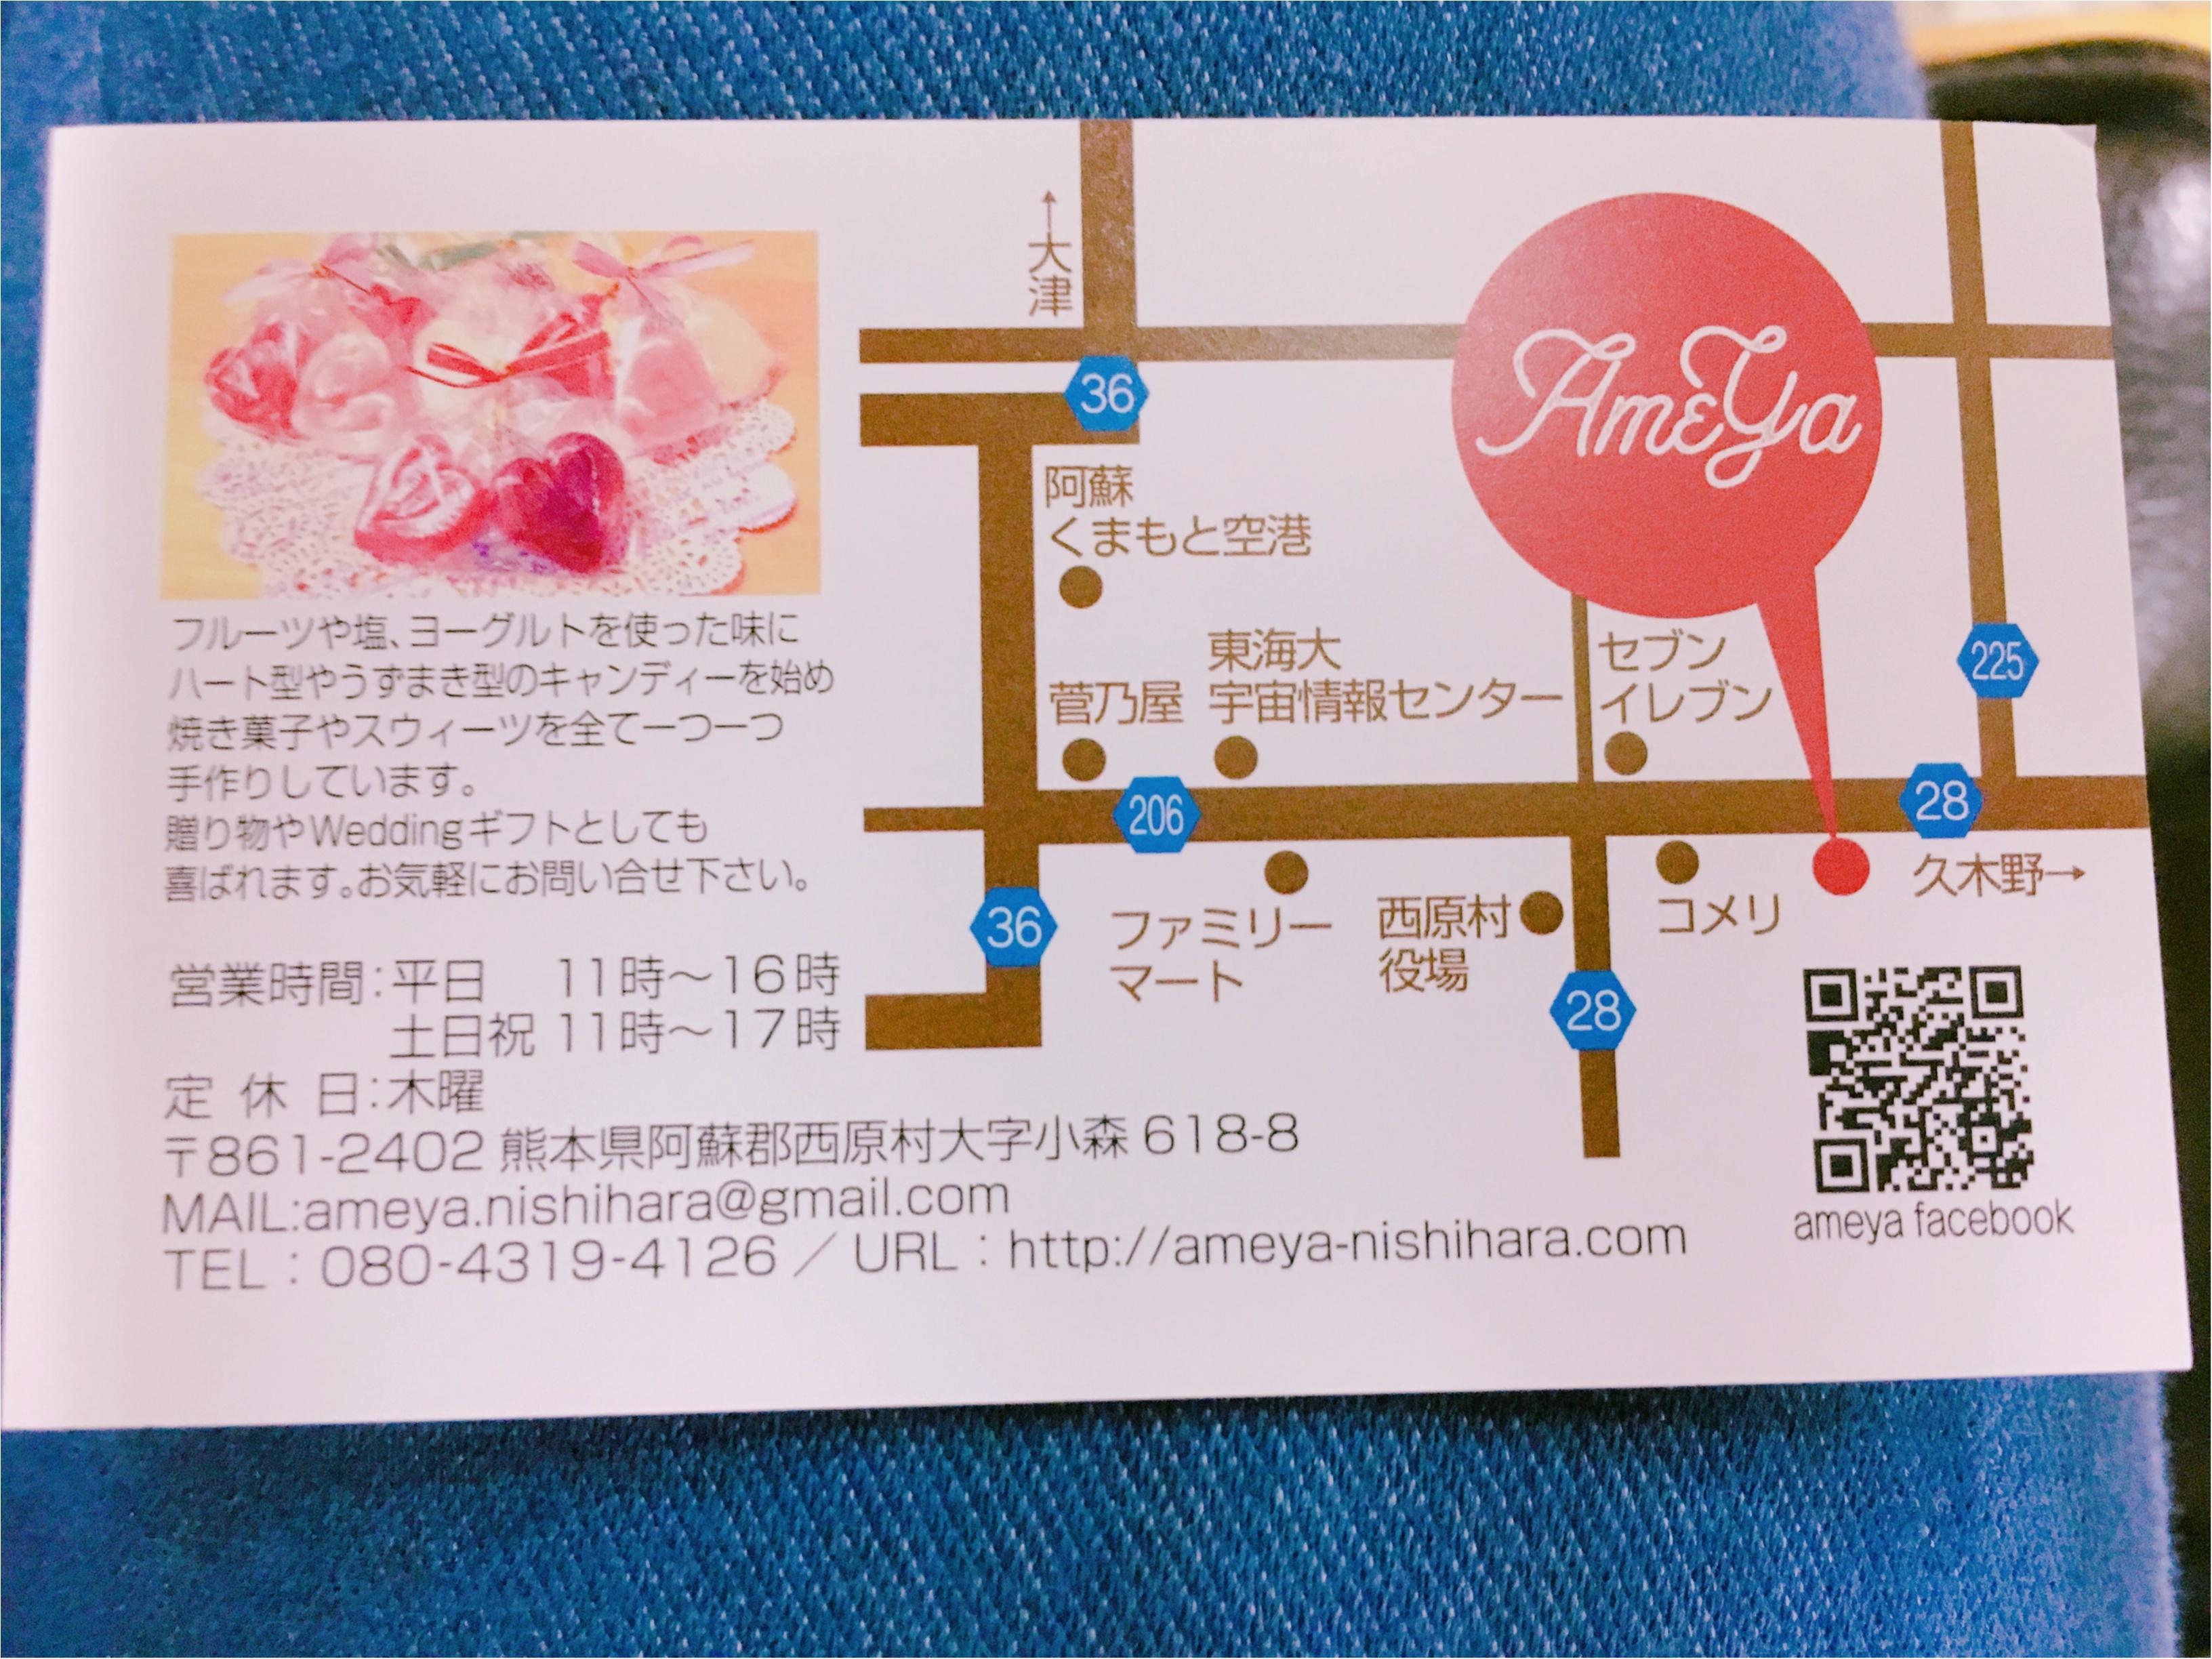 熊本阿蘇で見つけた可愛い手作り飴屋さん!【#モアチャレ 熊本の魅力発信!】_4_2